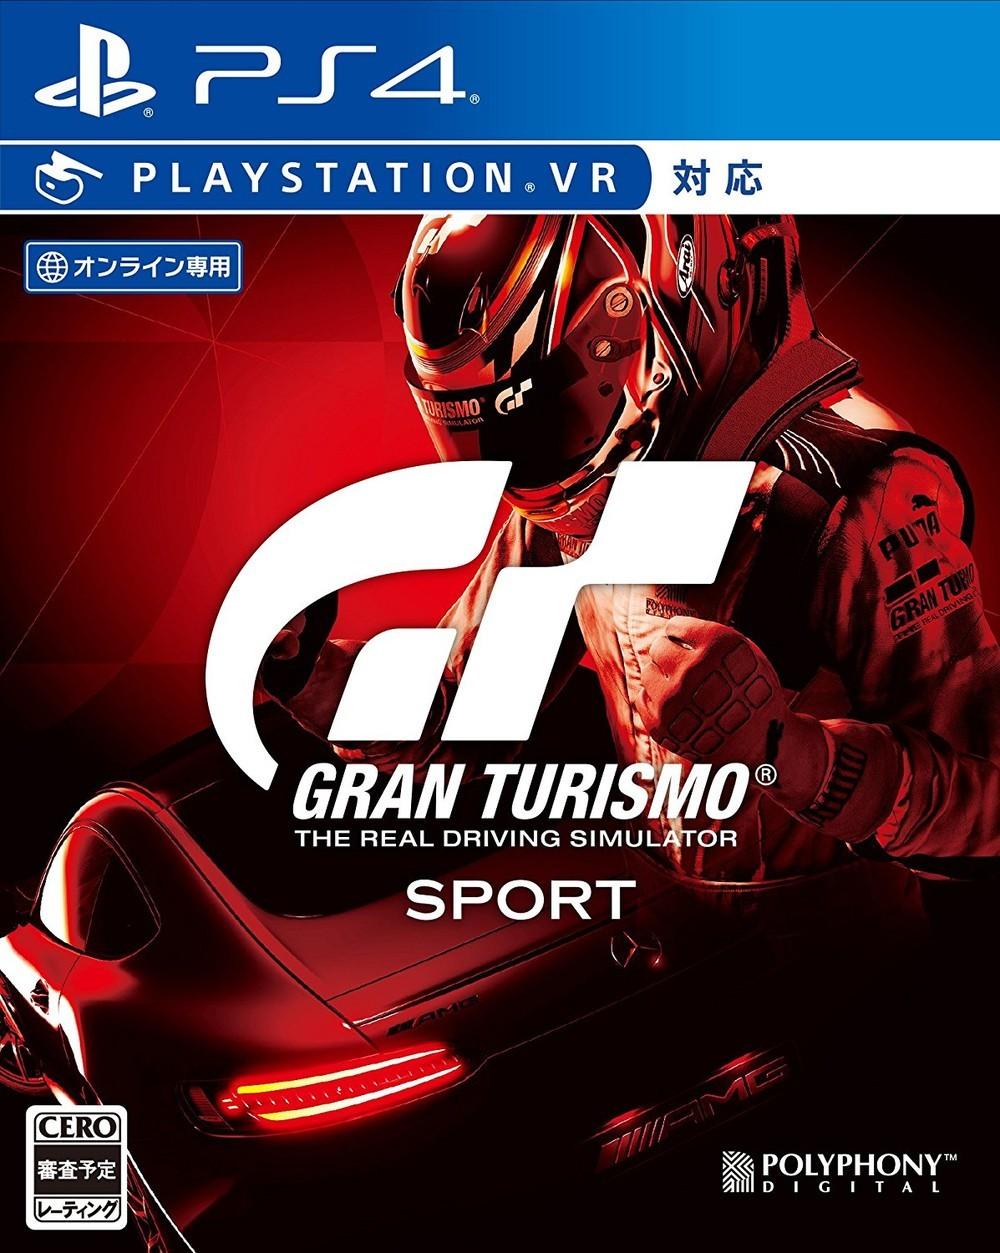 PS4の限界に挑む 4K60fps/HDRのリアルなグラフィック「グランツーリスモSPORT」